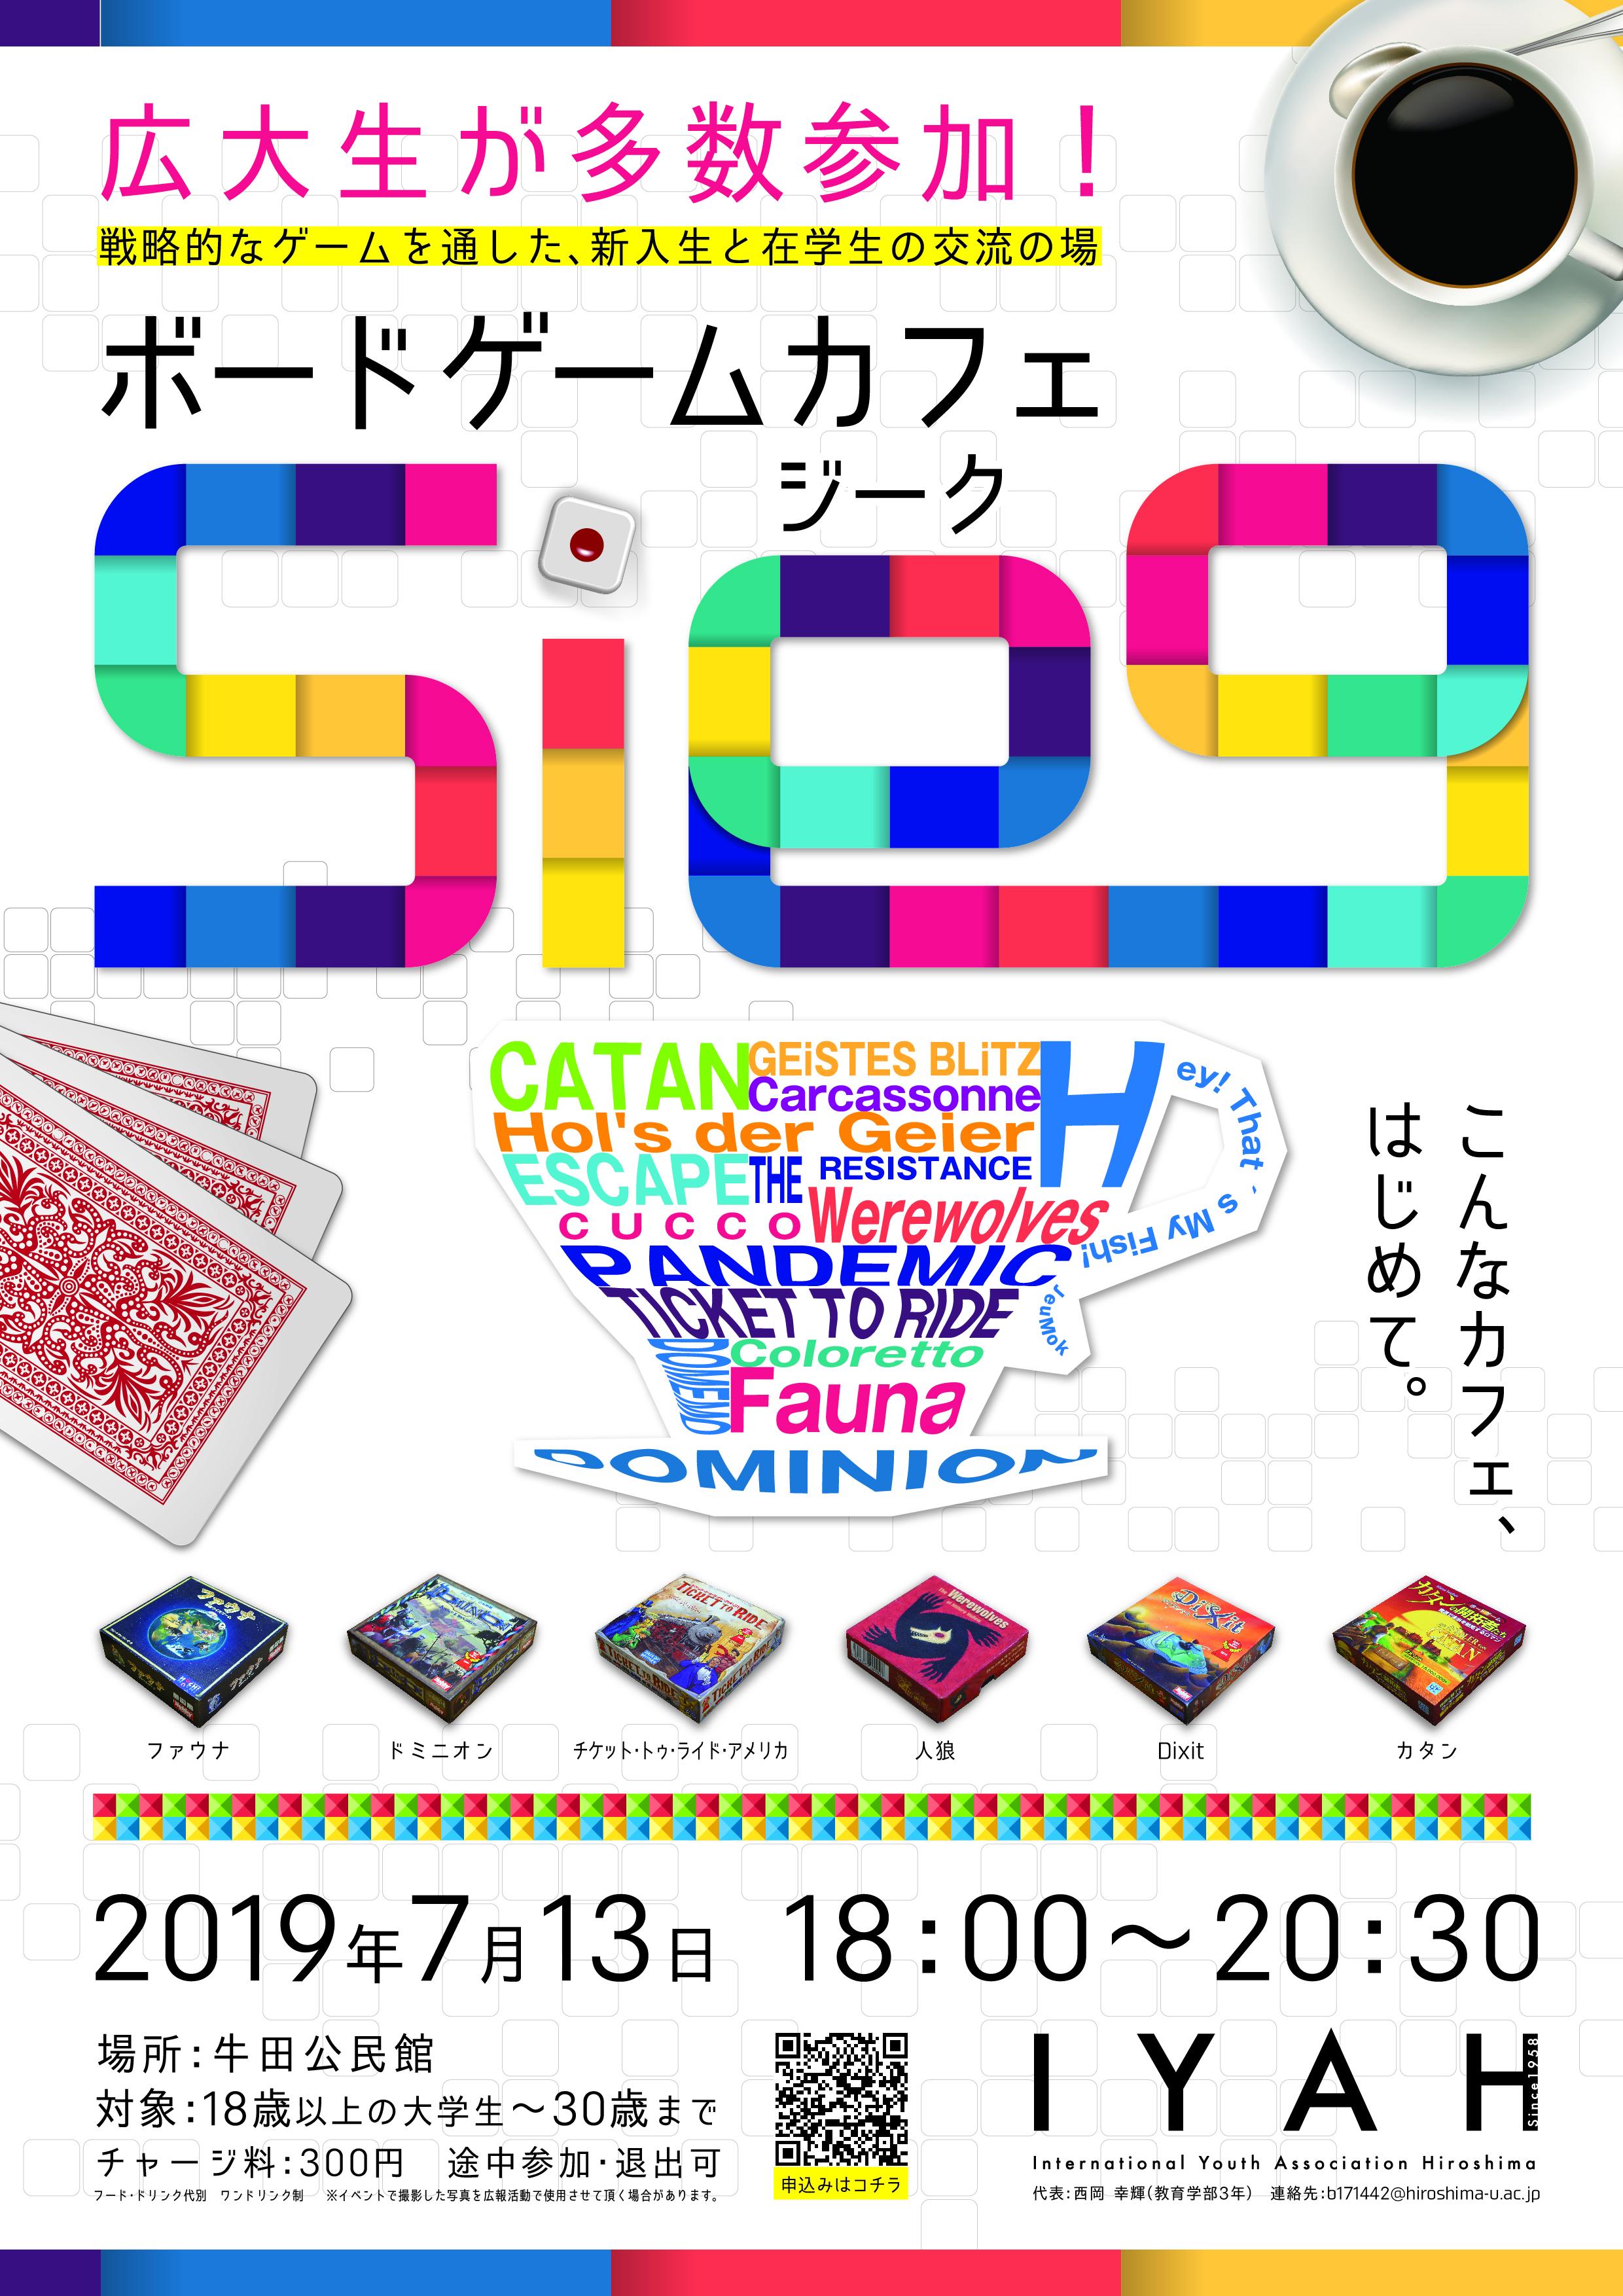 20190512ジークチラシ_広大新歓版_保存用-01 (1).jpg